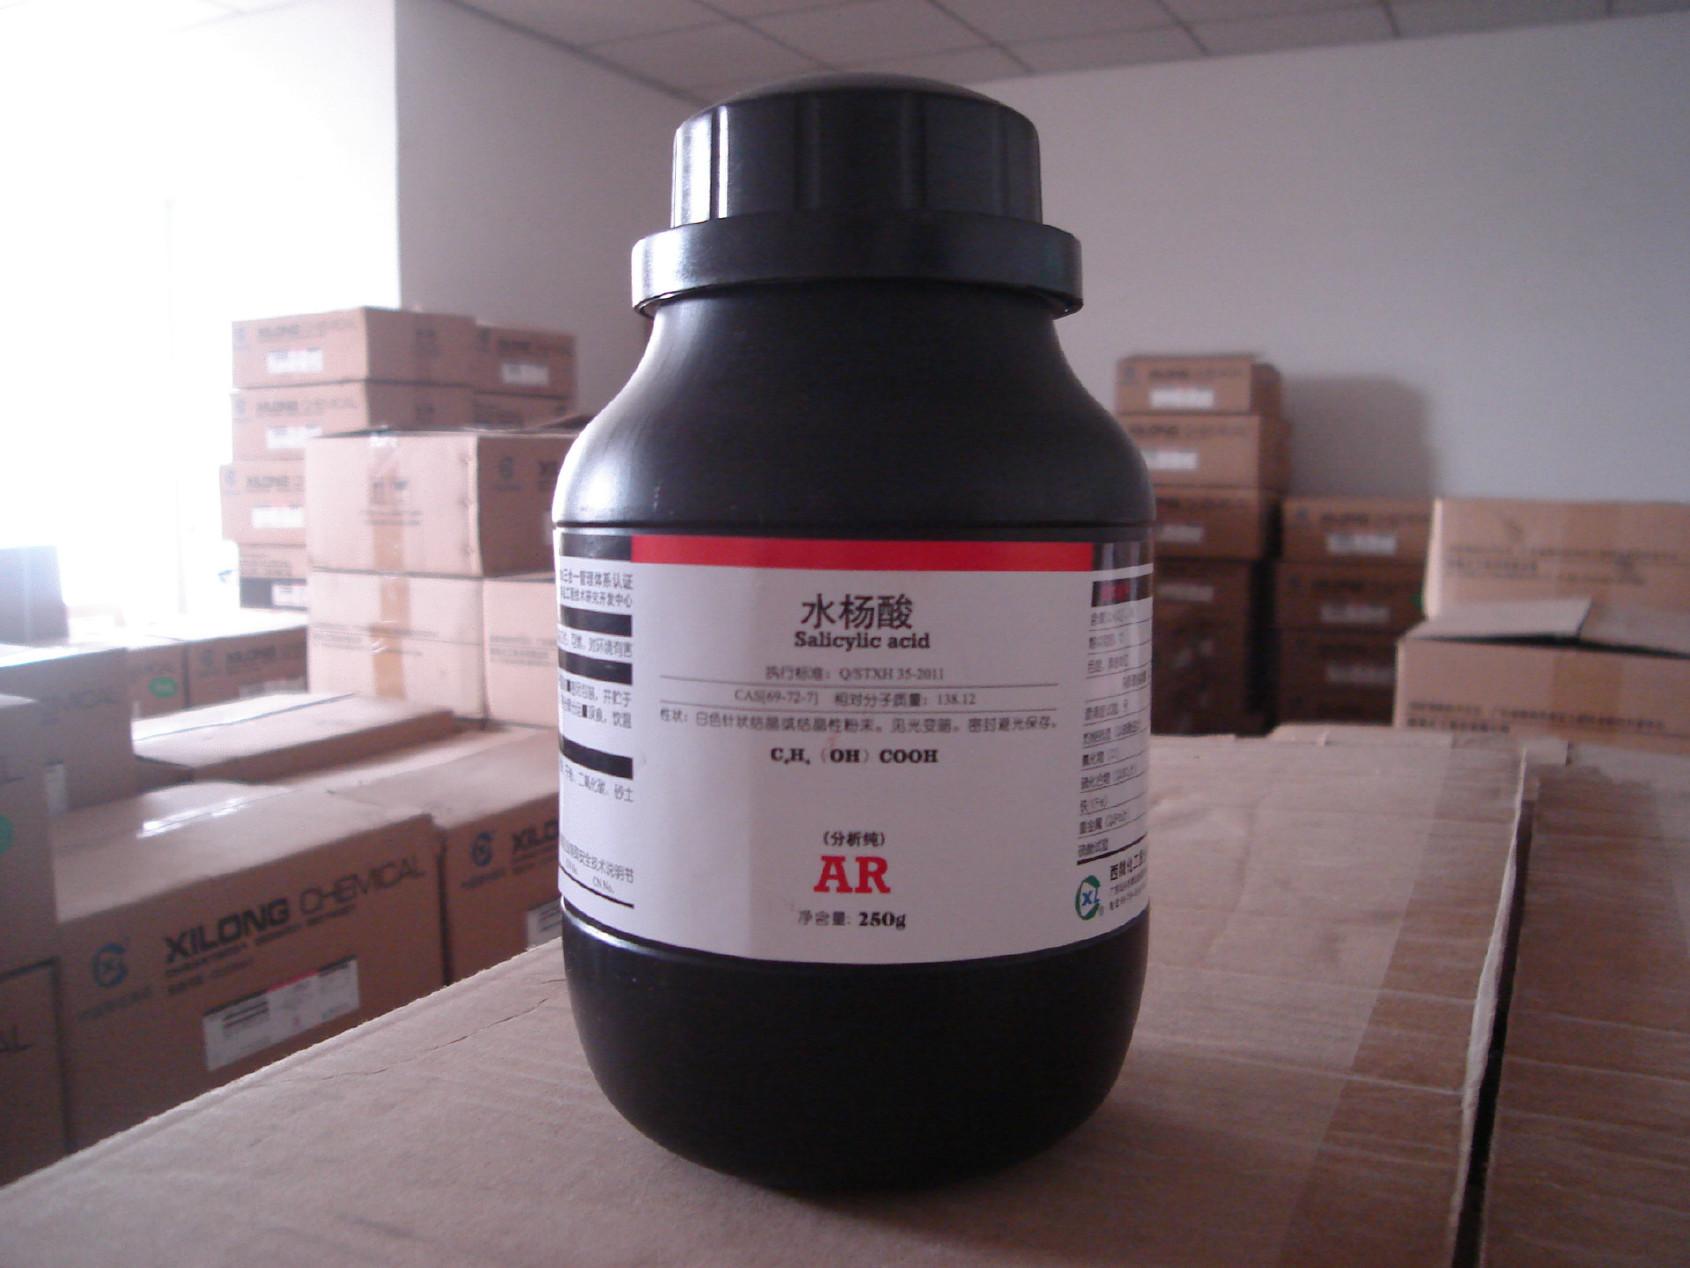 北京化学试剂商店 无水亚硫酸钠AR分析纯 500